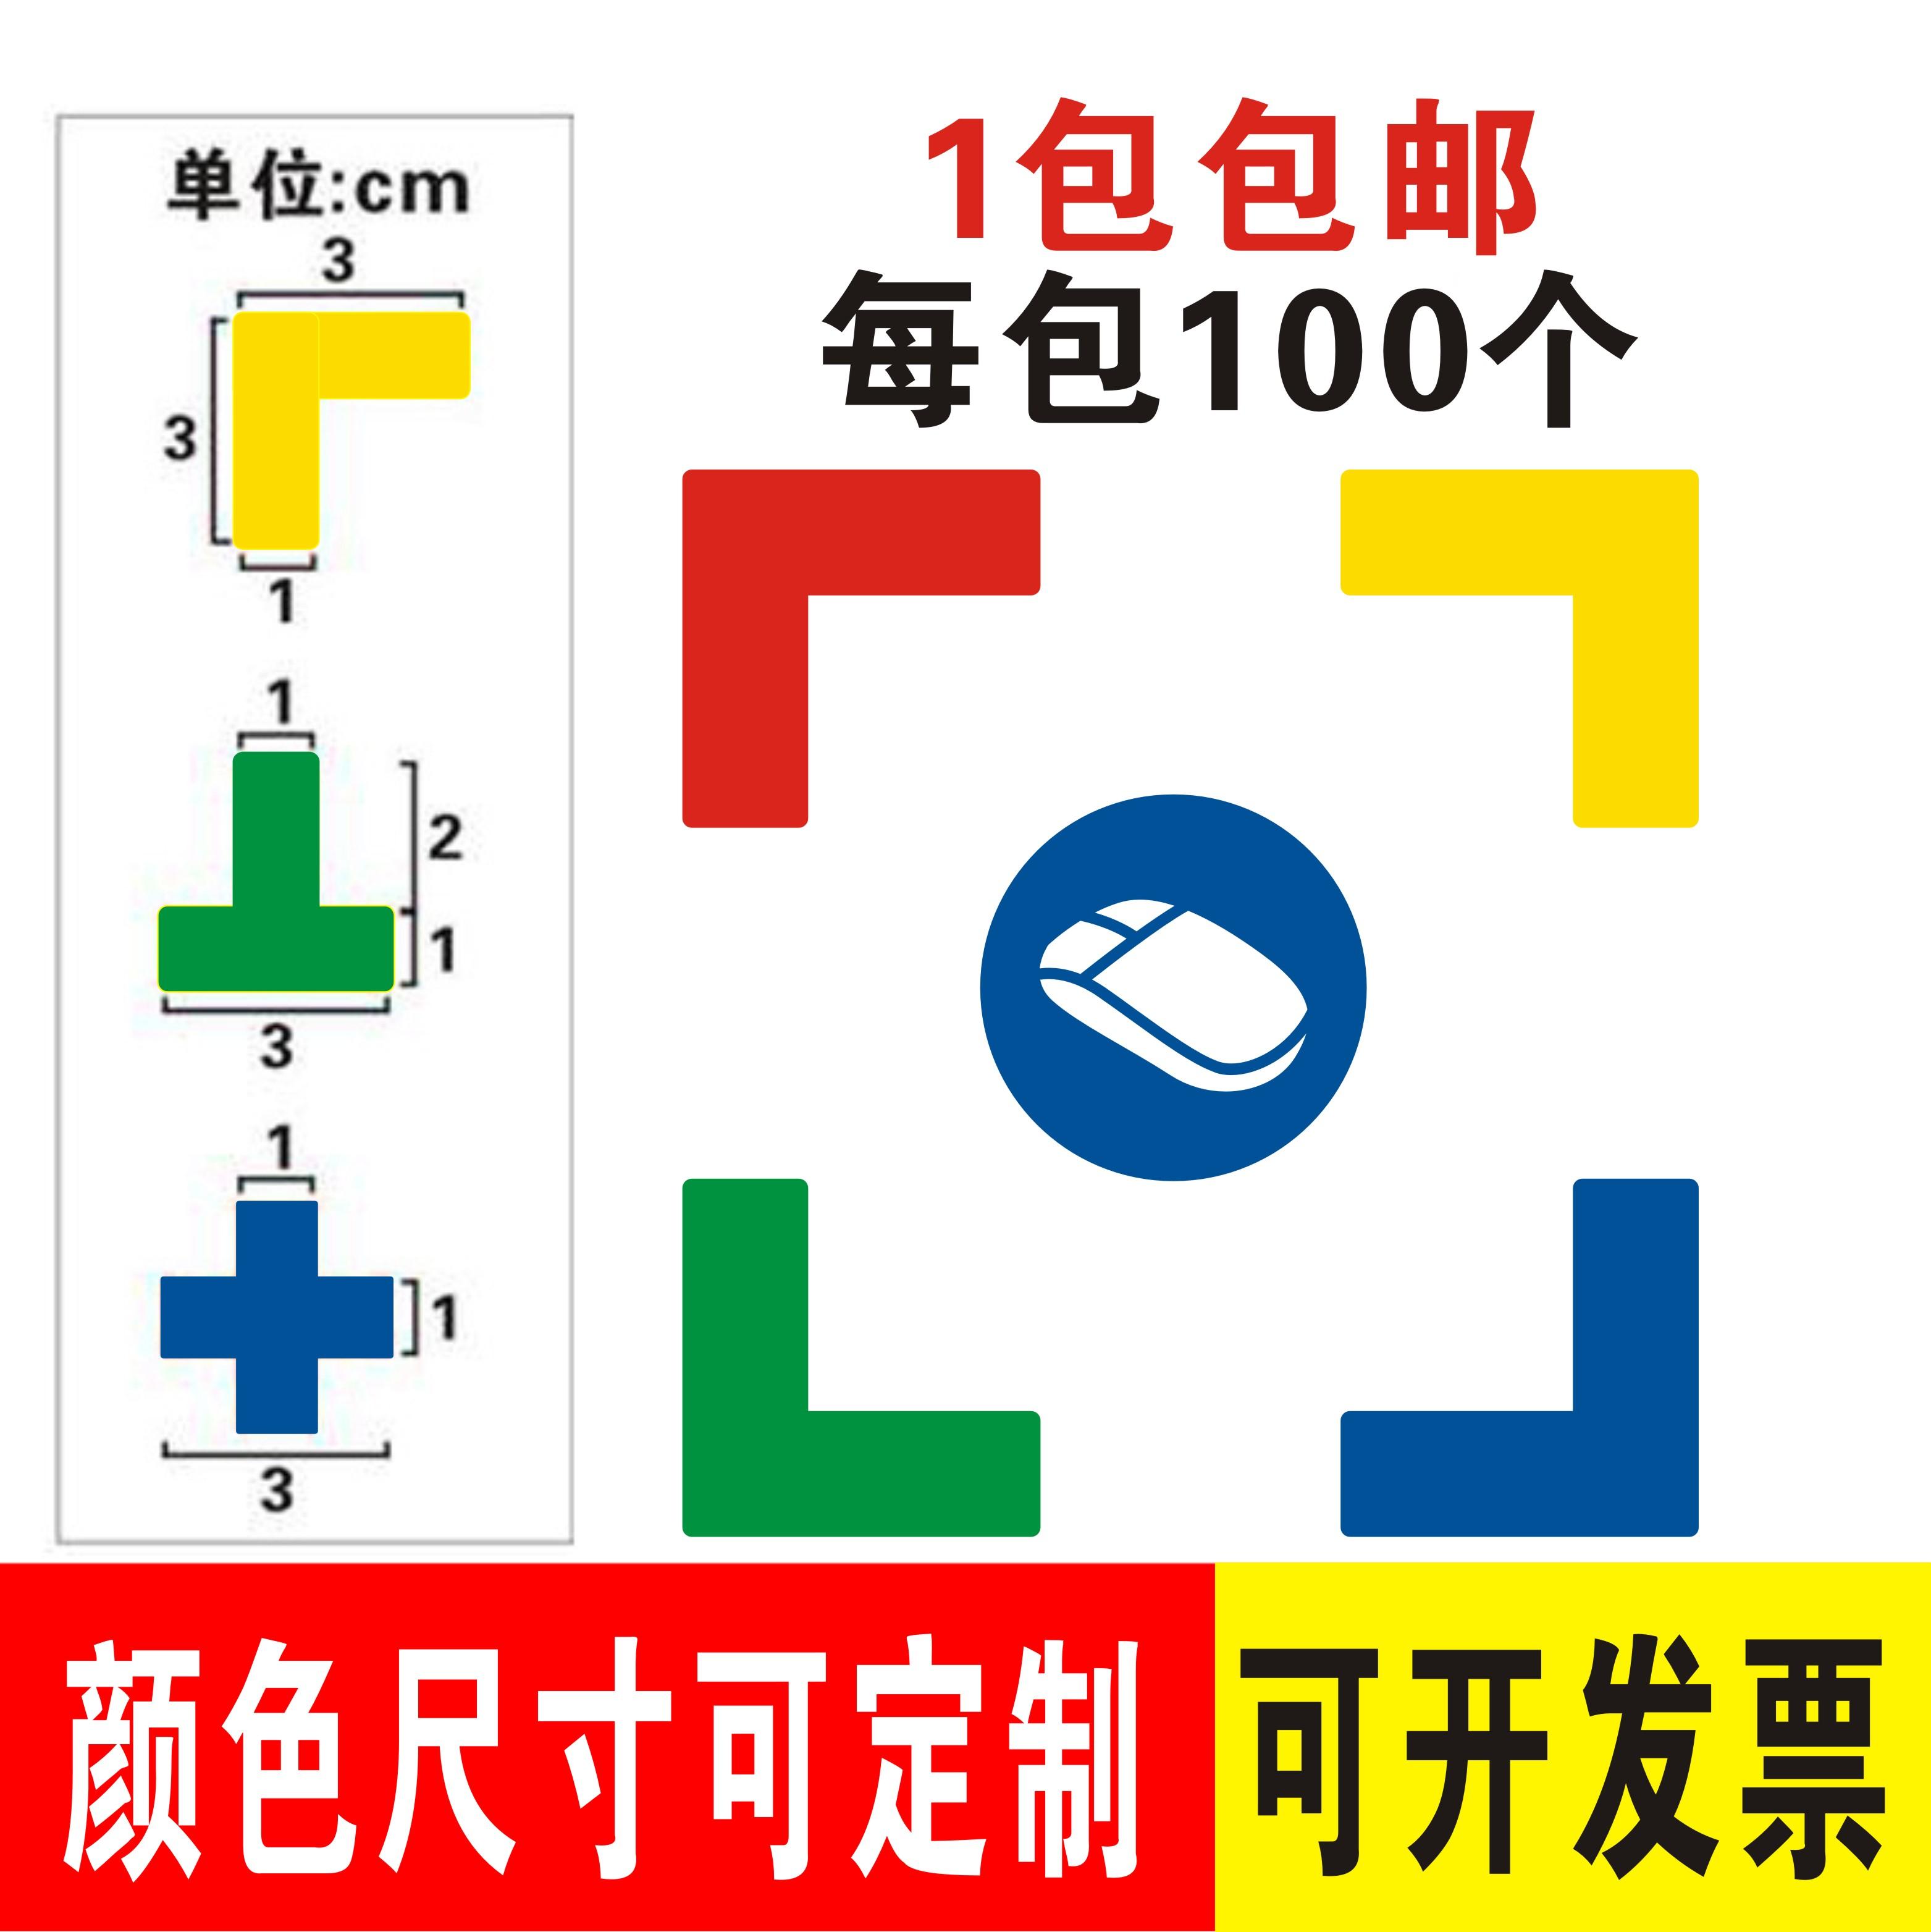 6s定位贴5s定位标示L型定制标识贴四角桌面办公桌物品四角定位贴